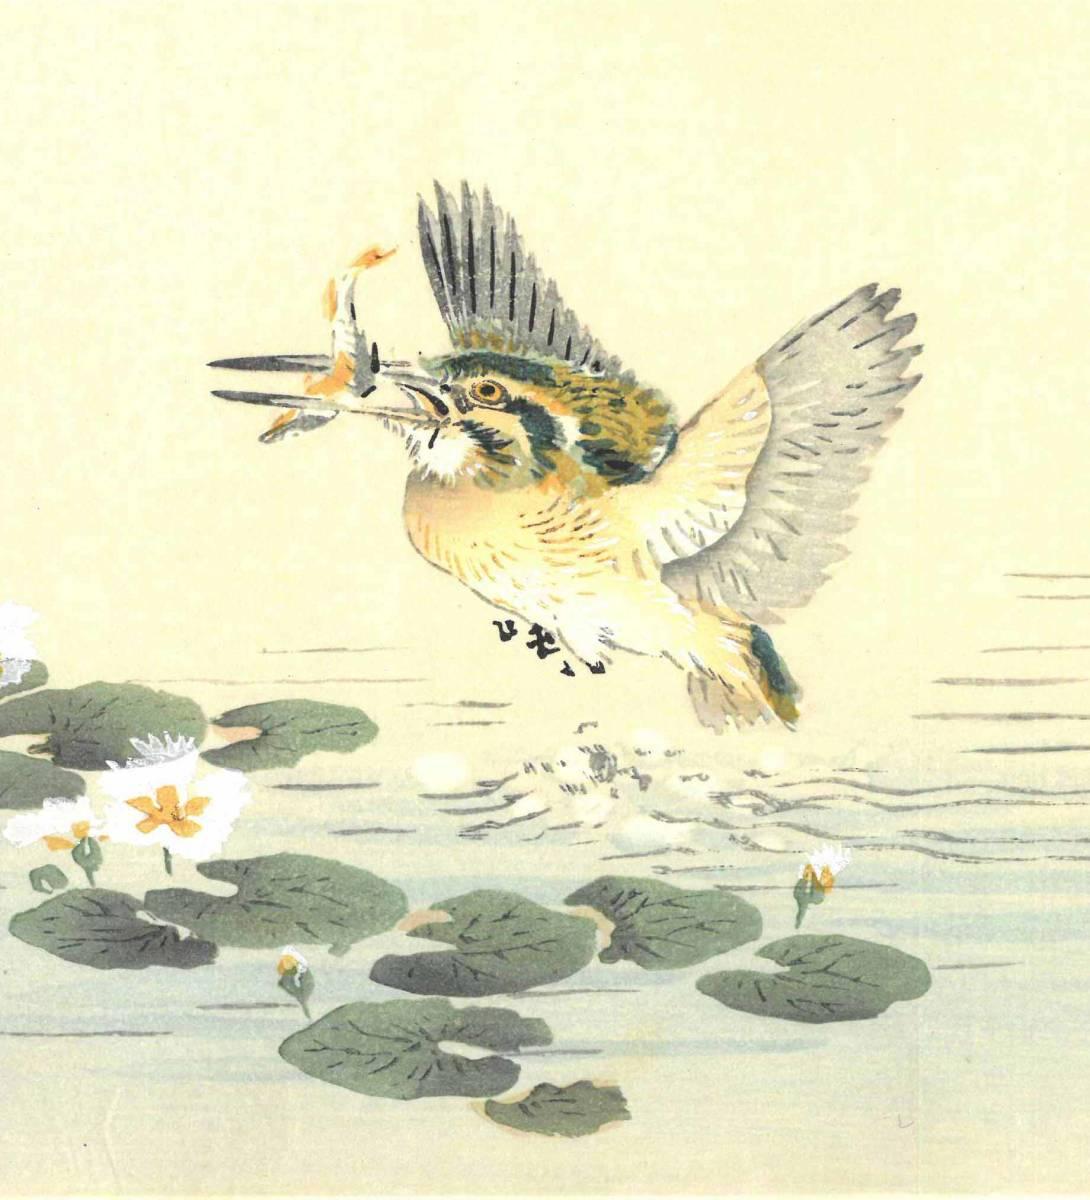 幸野楳嶺 (Kono Bairei) (1844~1895) 木版画 かわせみ 初版明治期~ 版元蔵出し作品! 京都の一流の摺師の技をご堪能下さい。_画像7